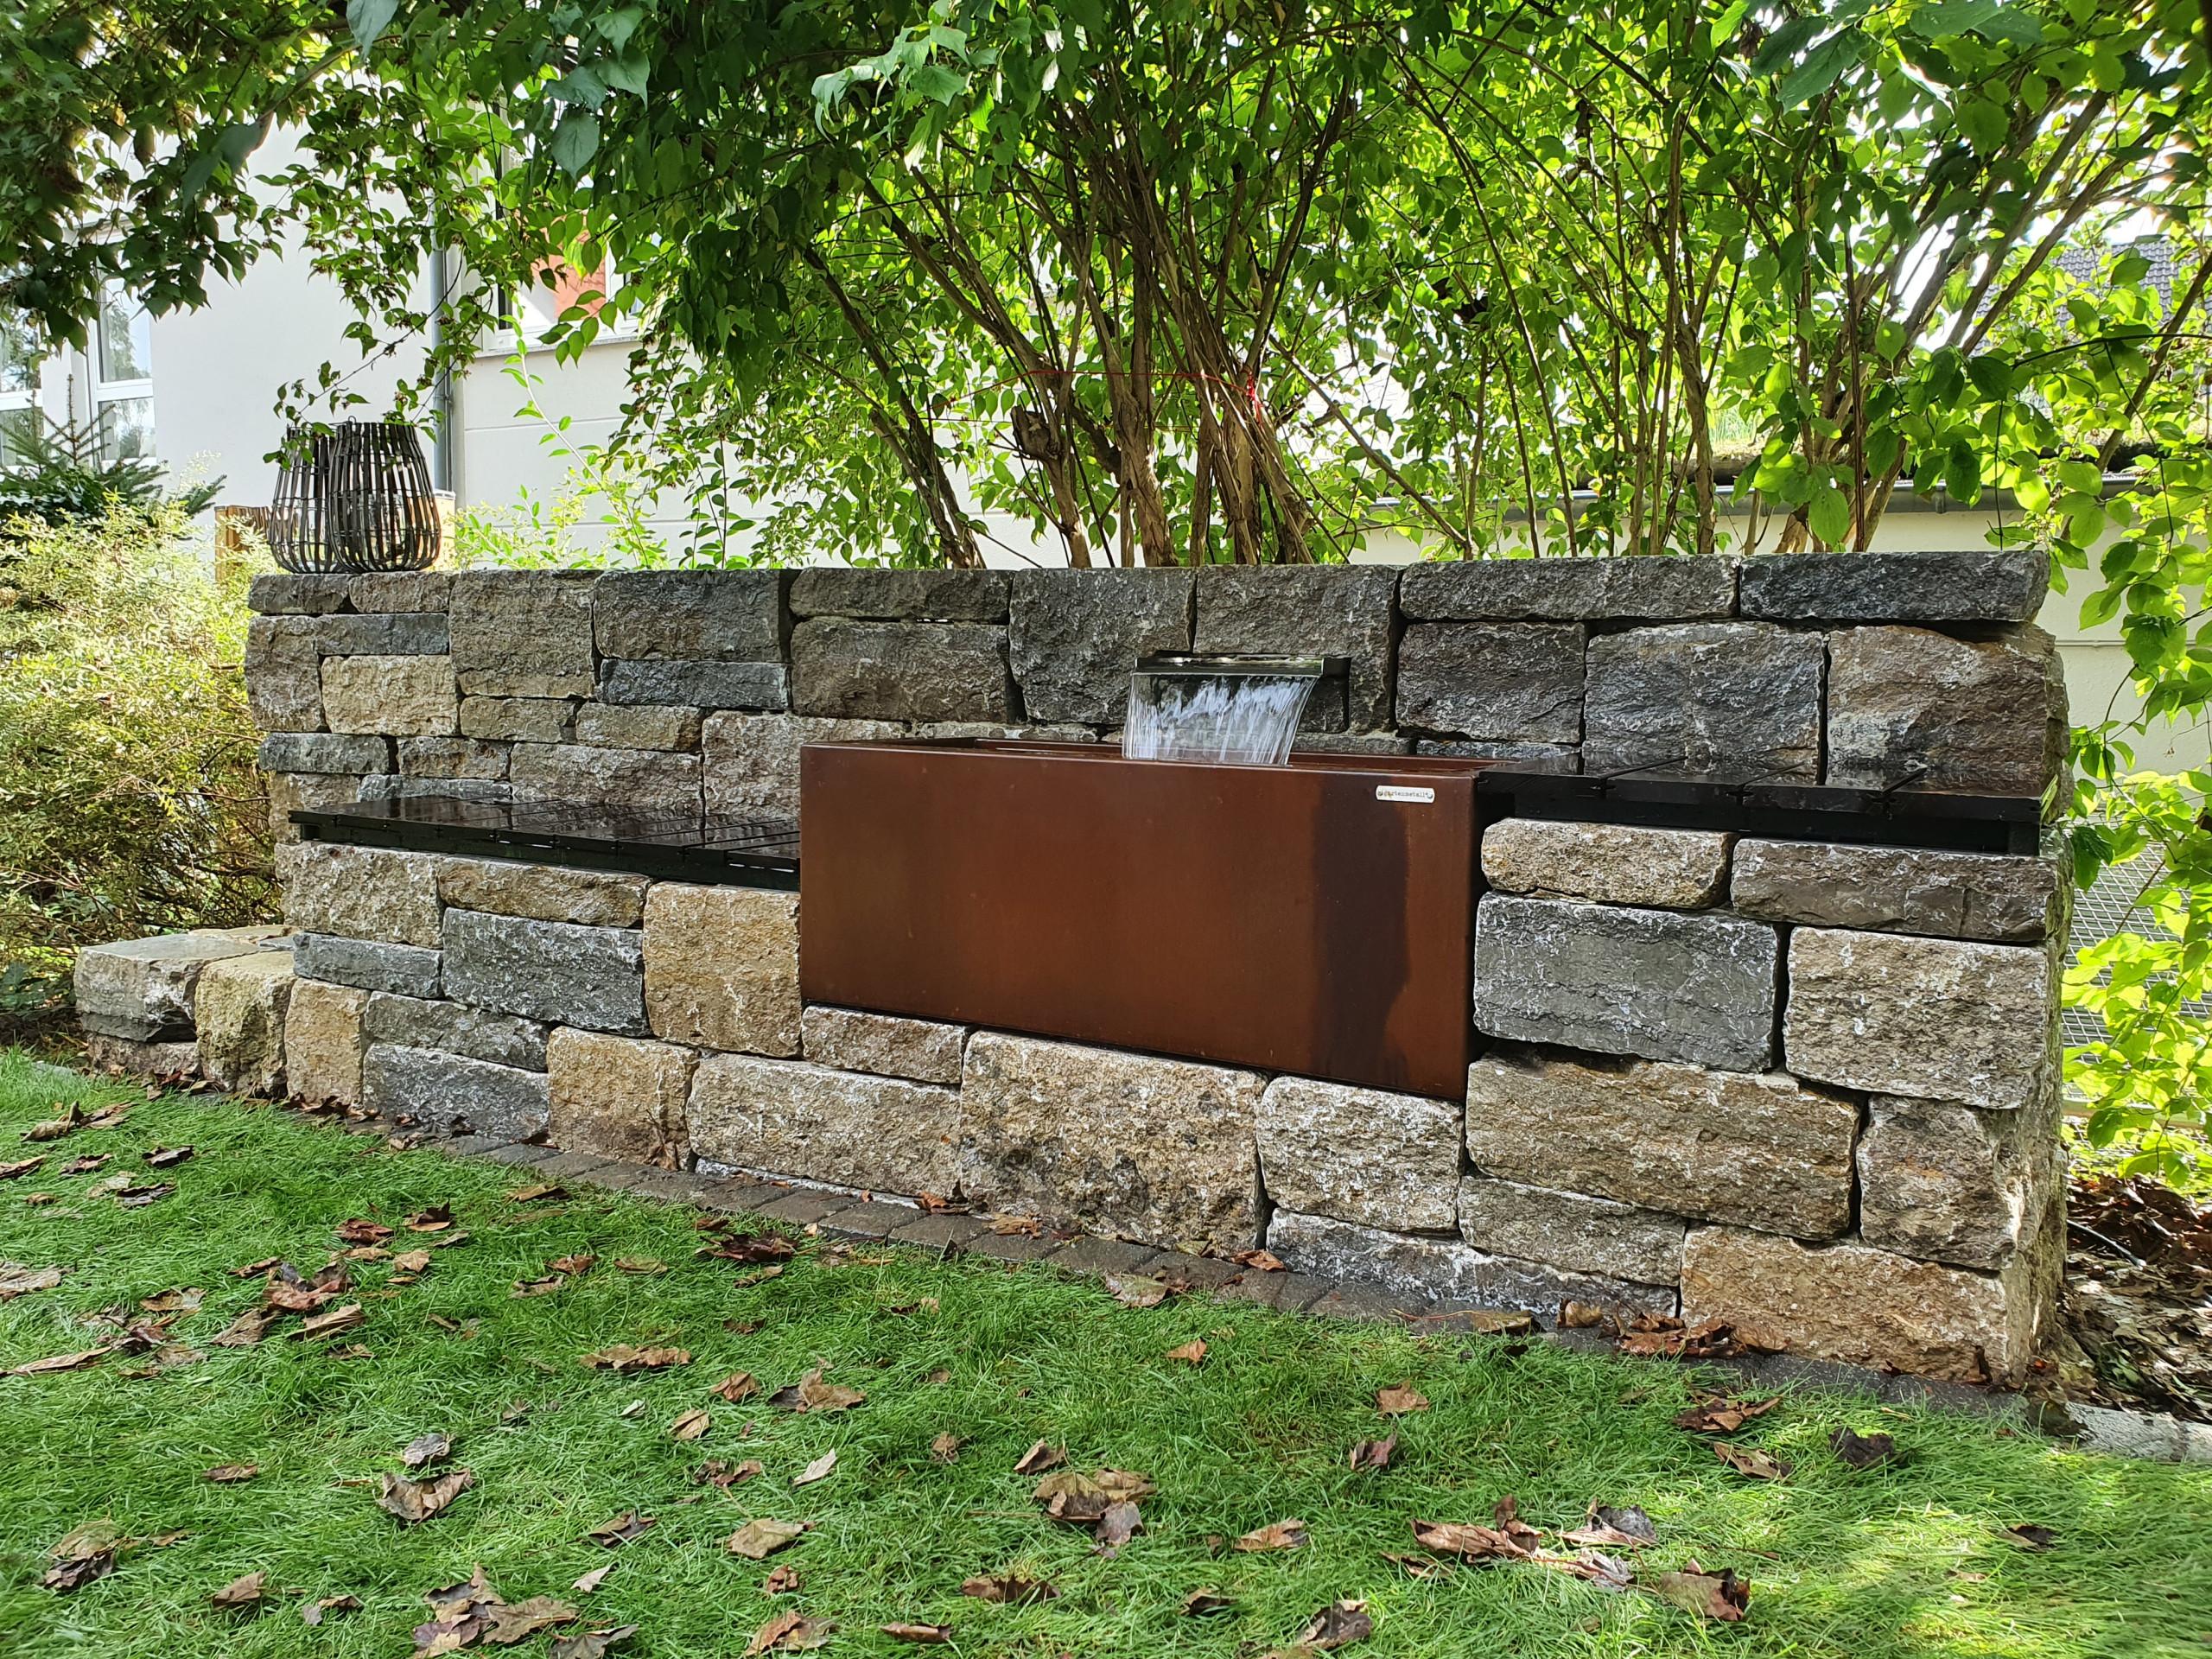 Natursteinmauer mit Wasserspiel und Sitzgelegenheiten